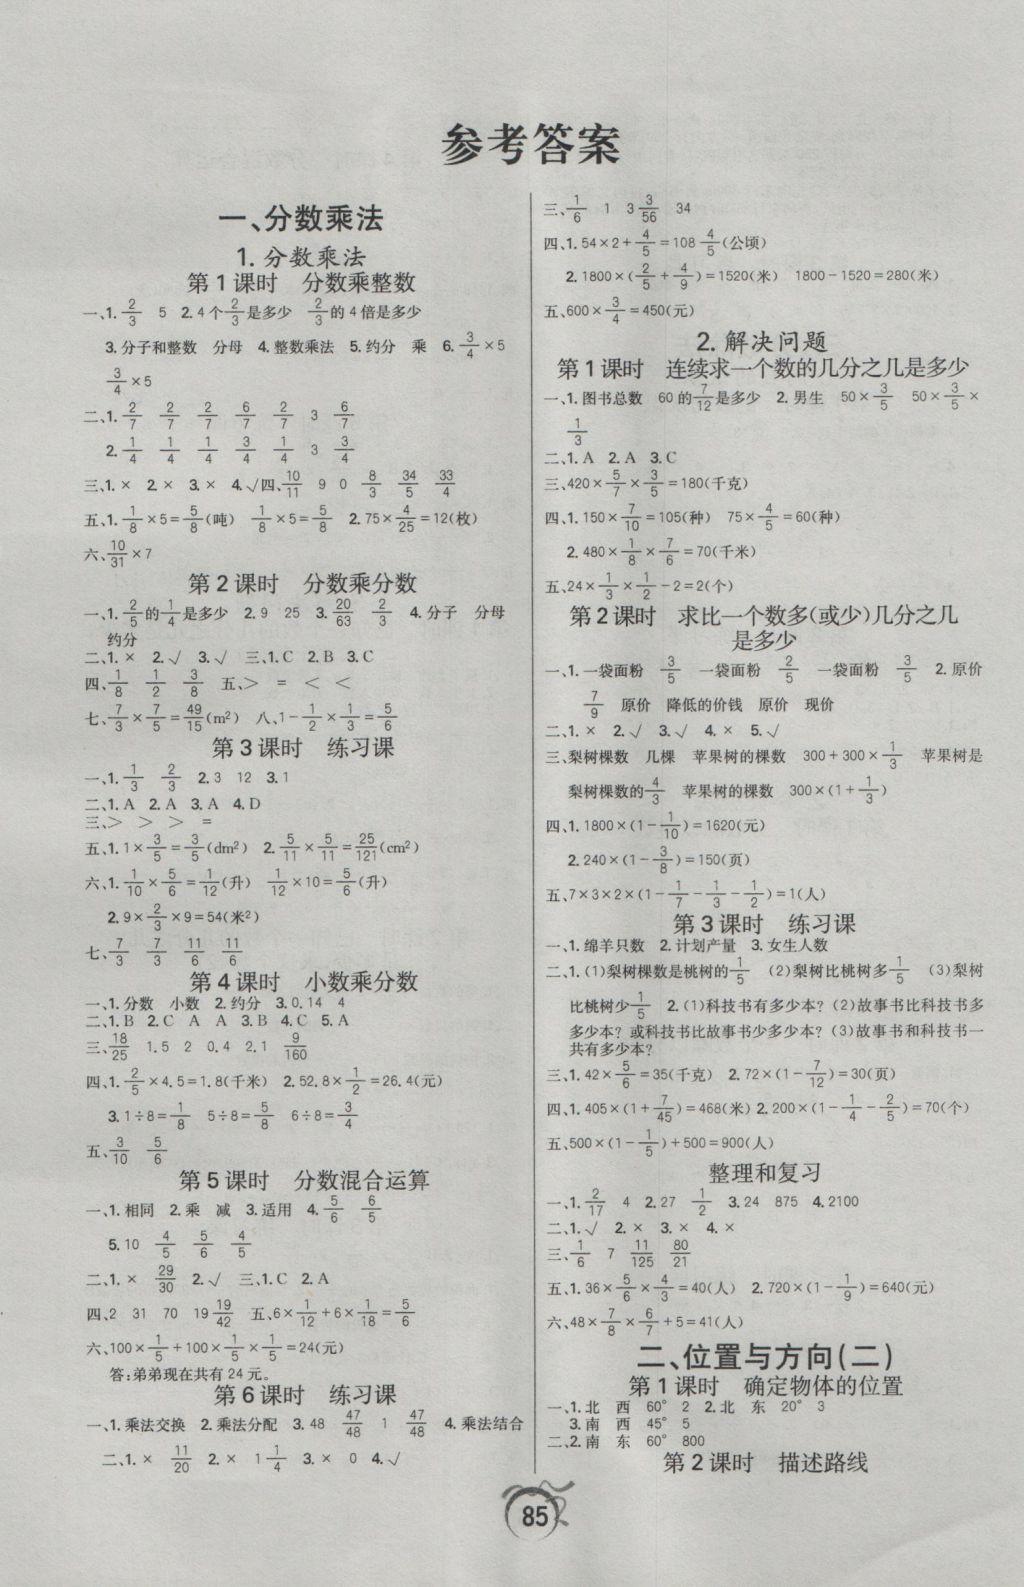 最新人教版六年級數學工作計劃_六年級數與方程思維導圖_六年級數學報